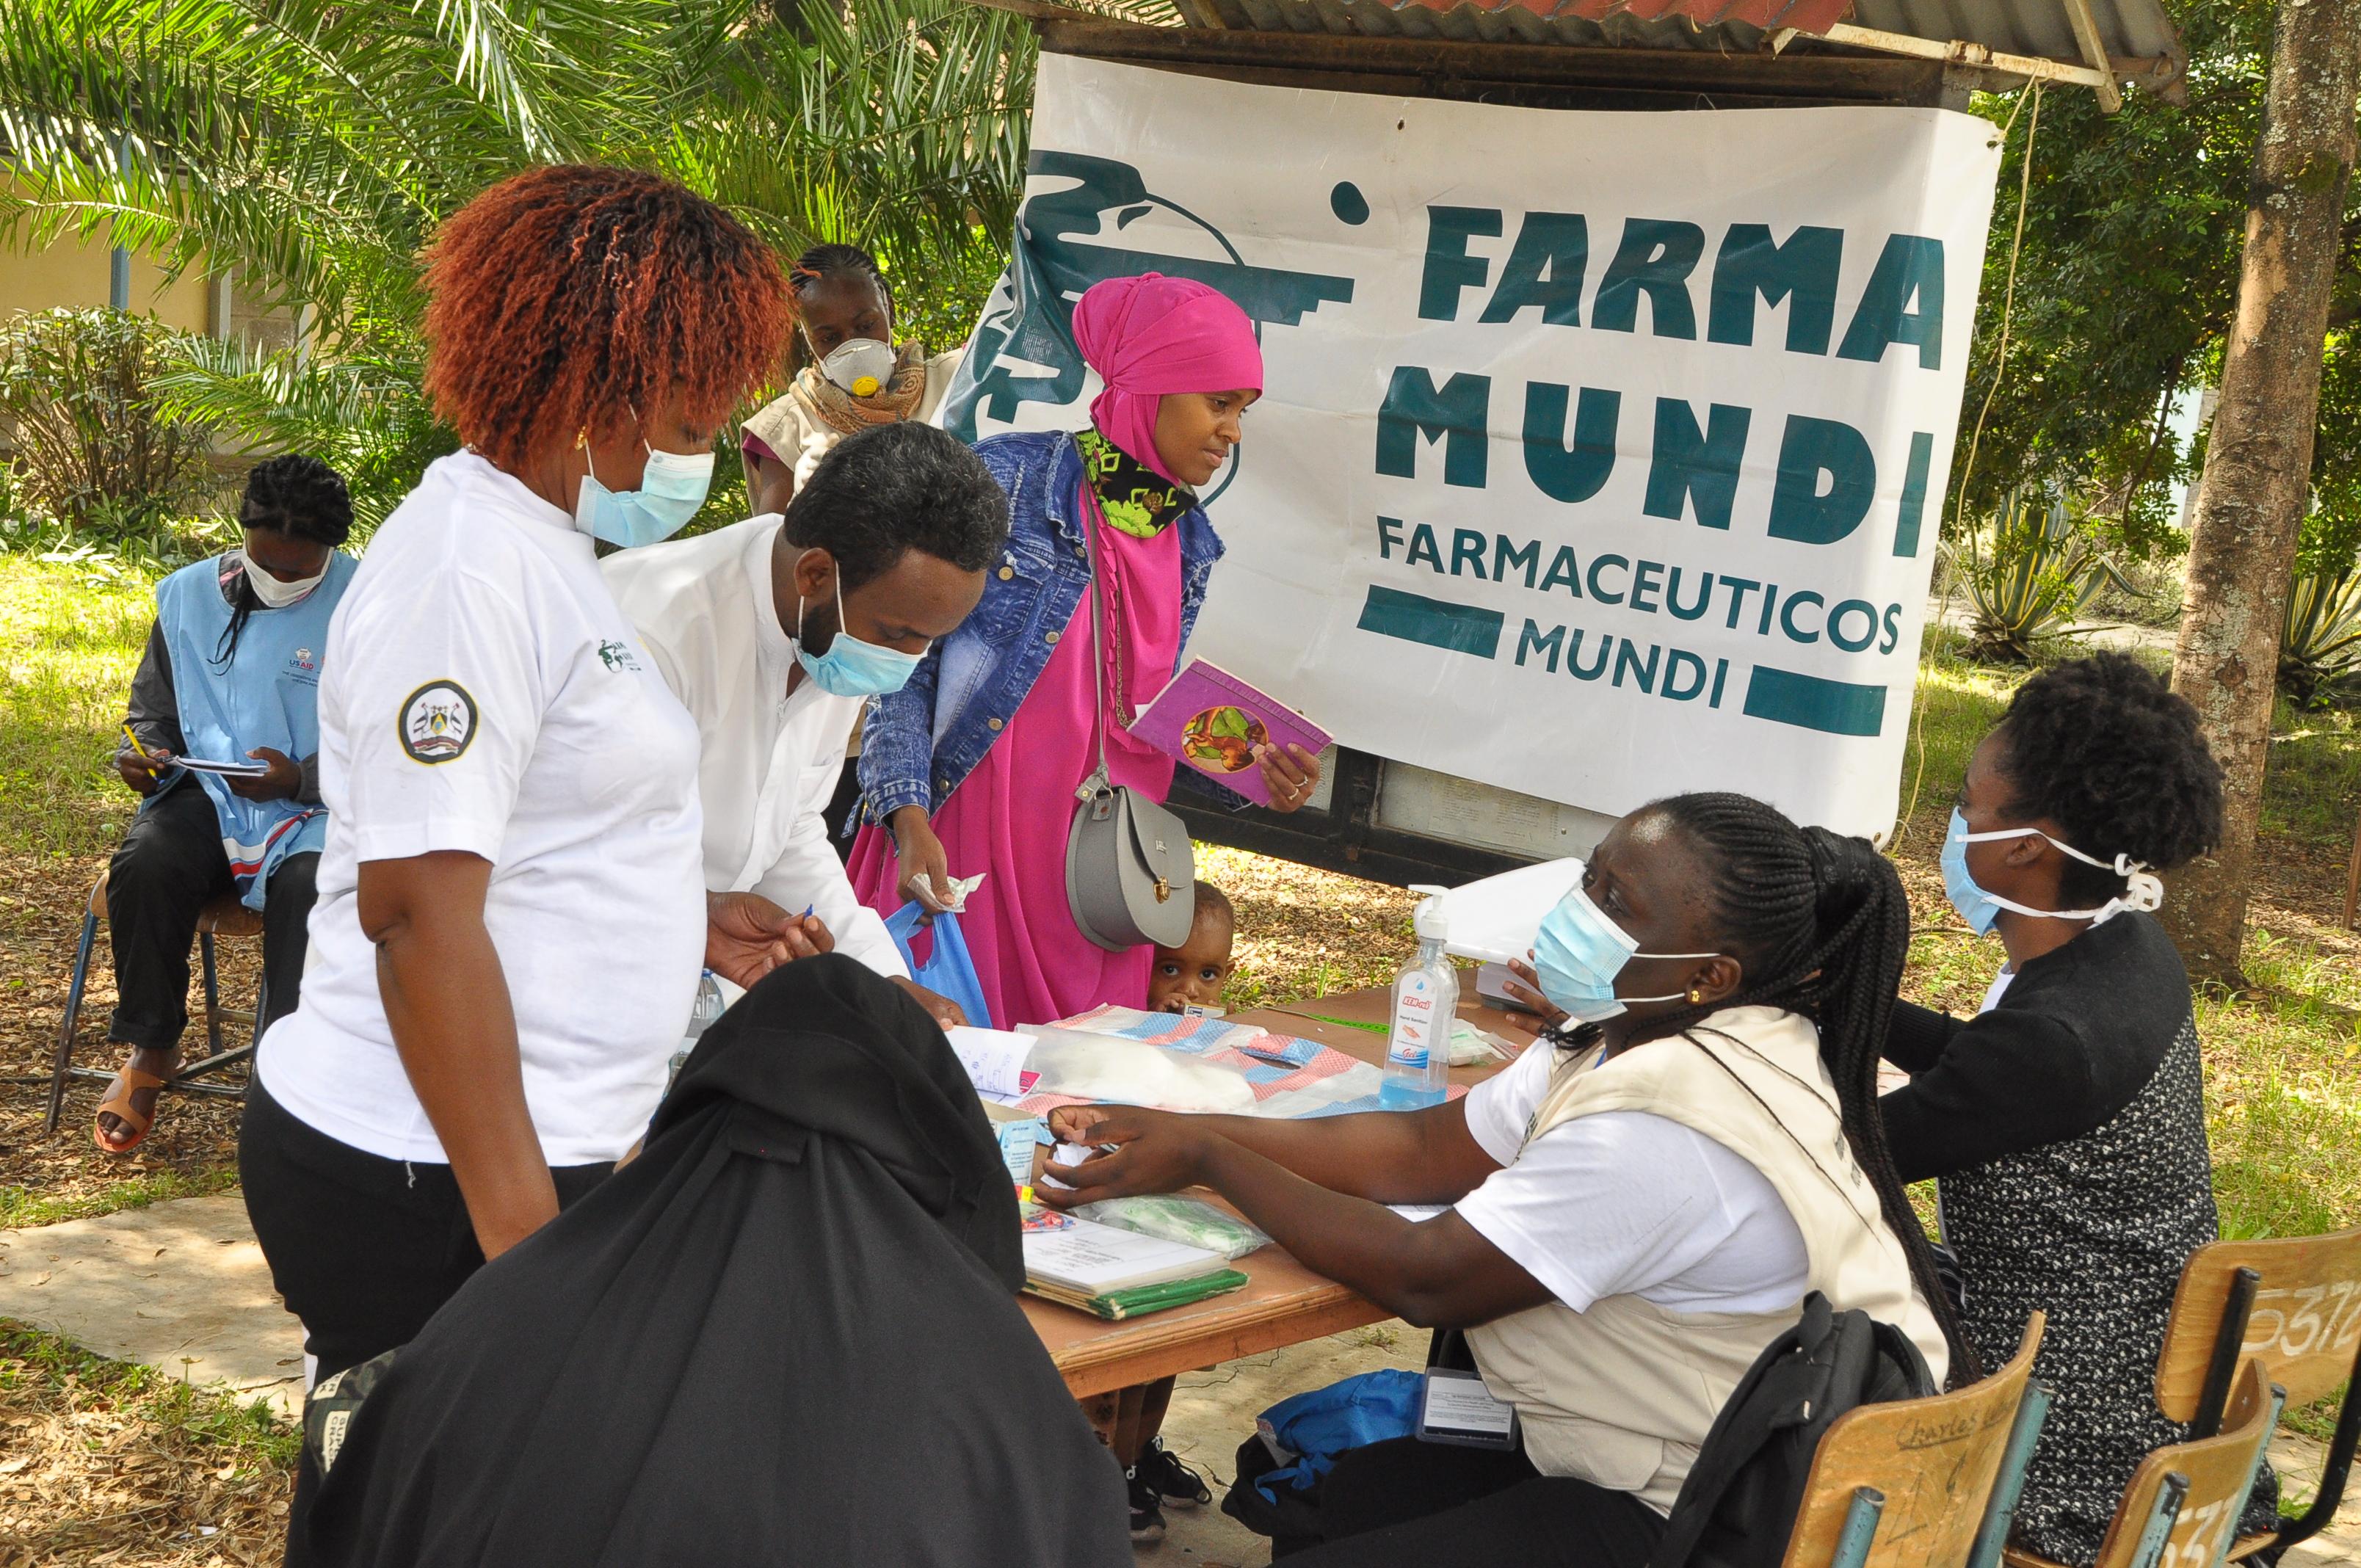 Saludemia, una iniciativa para fortalecer alianzas frente a crisis de salud global y pandemias